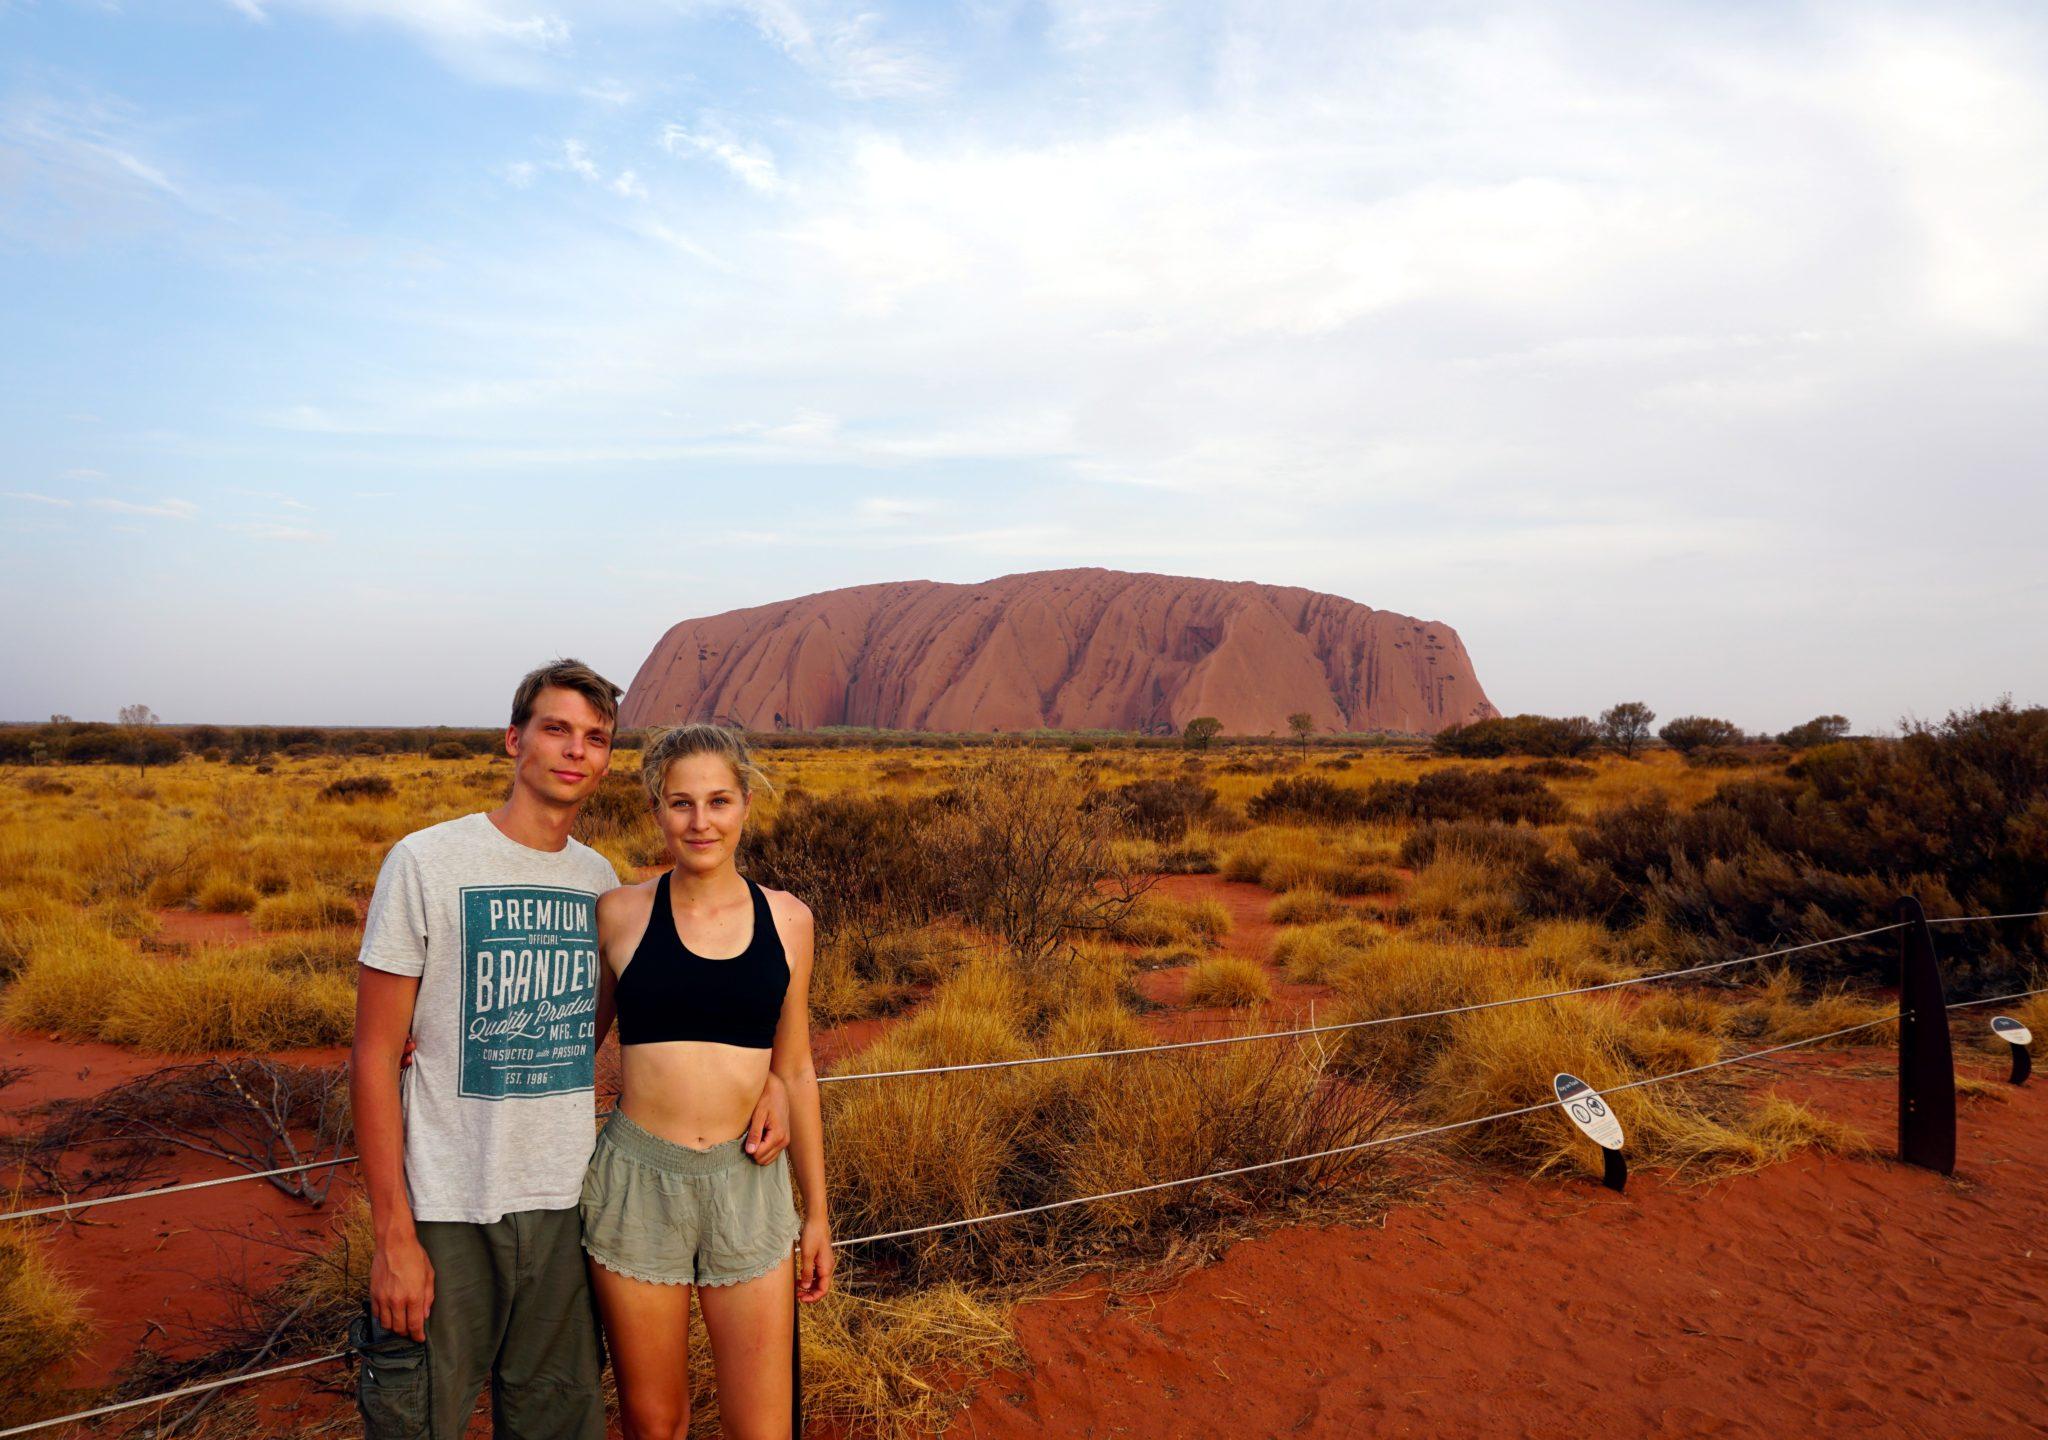 Foto von Marcel und Mona vorm Uluru im australischen Outback